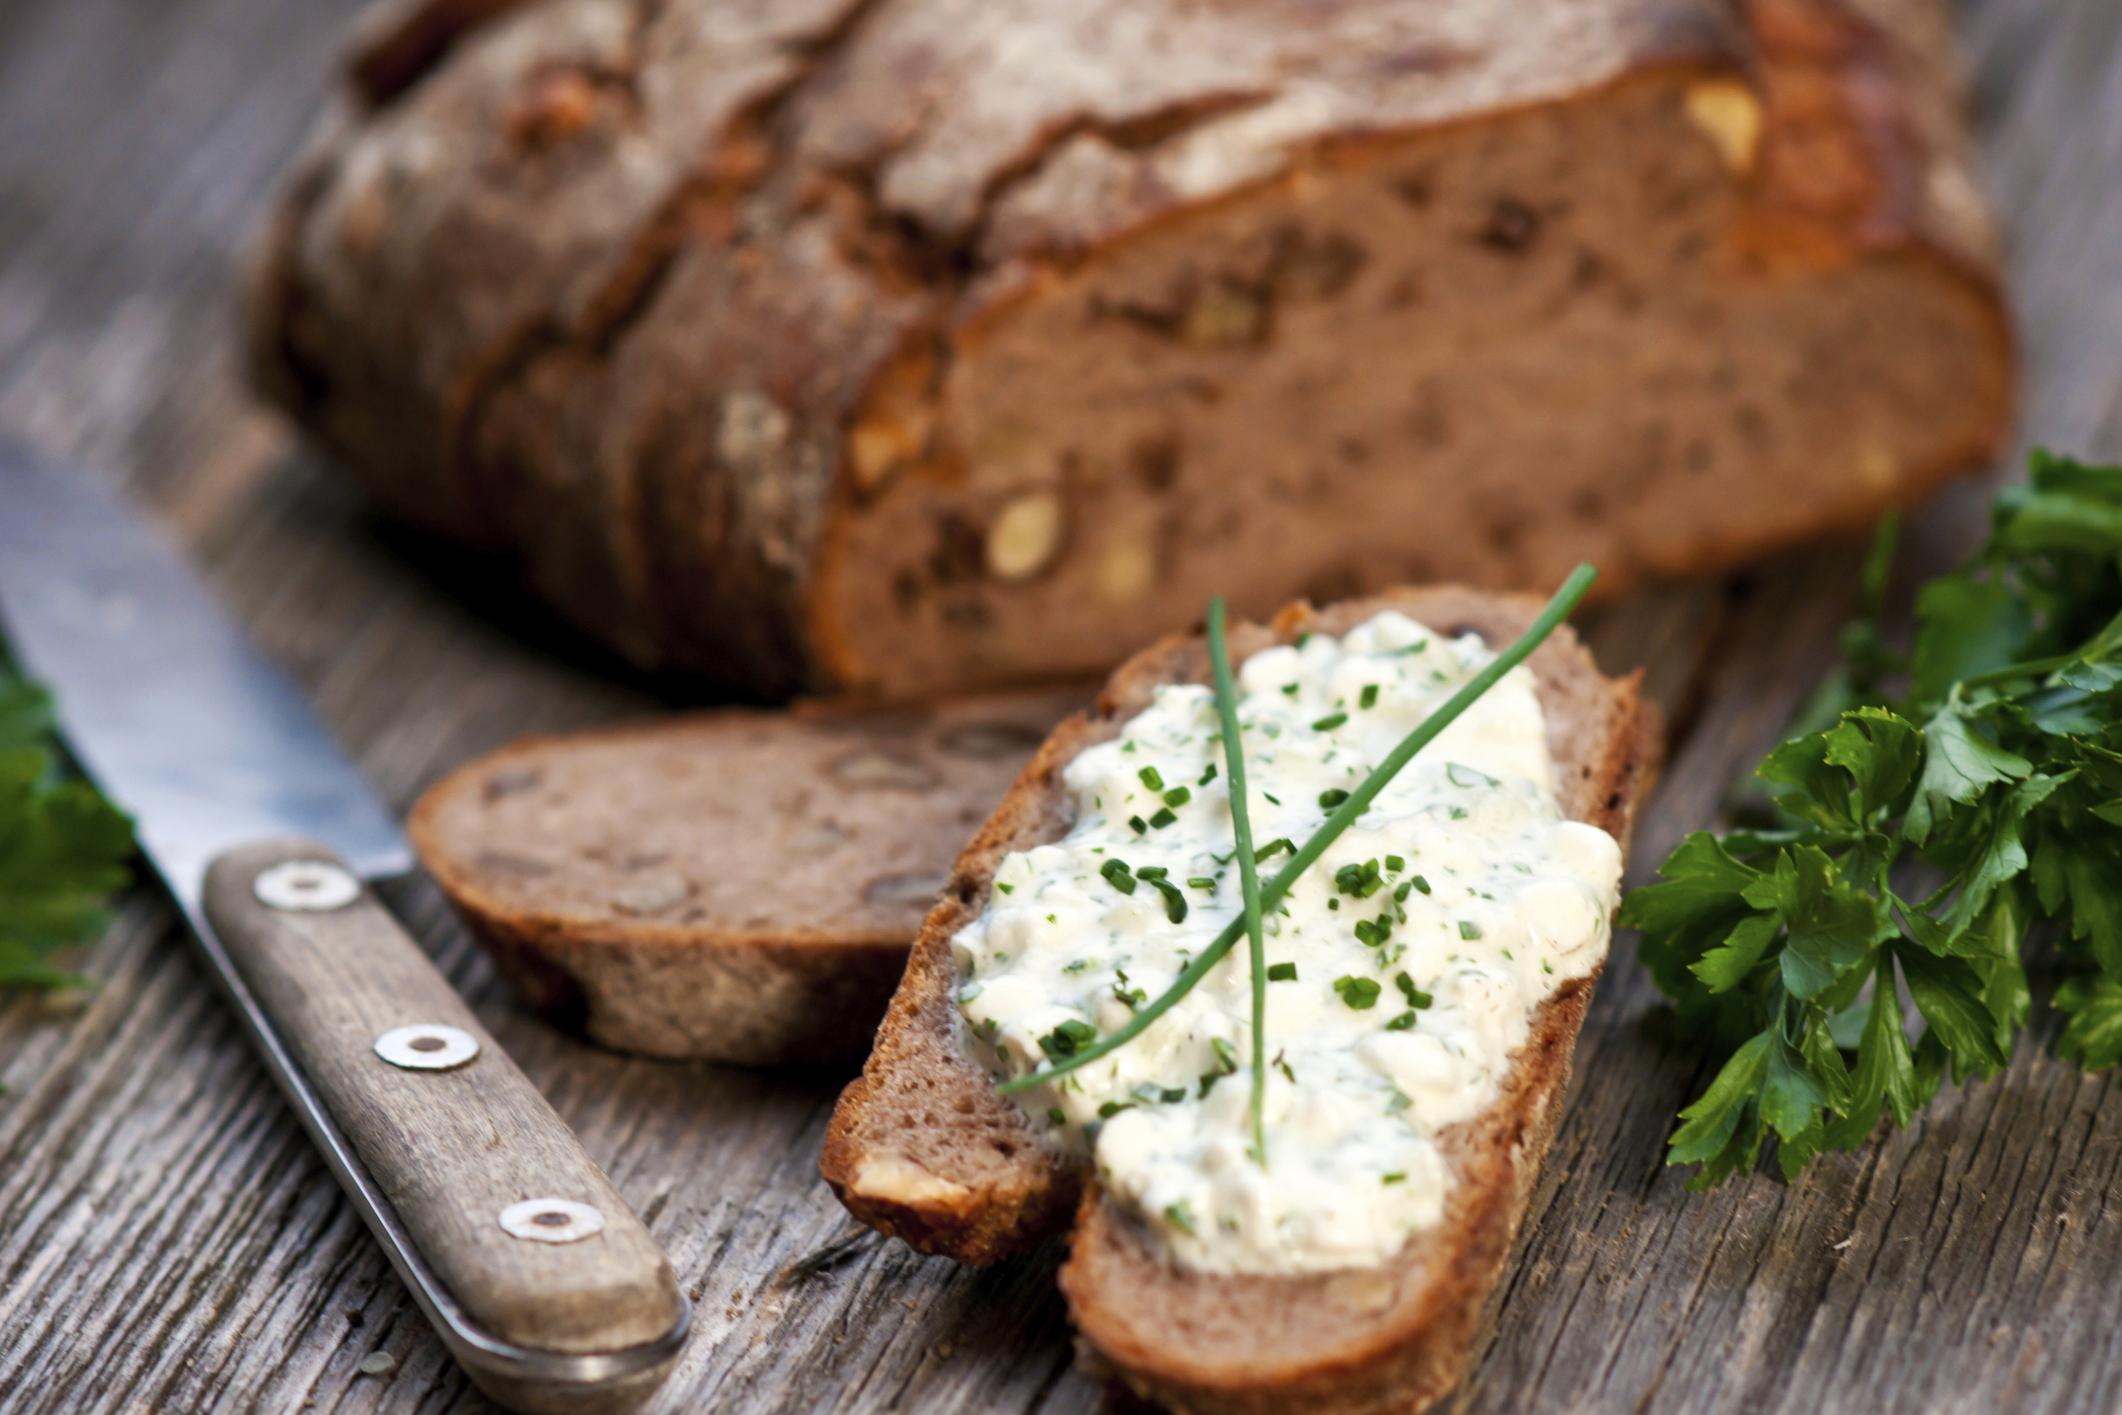 Canapés con queso y hierbas